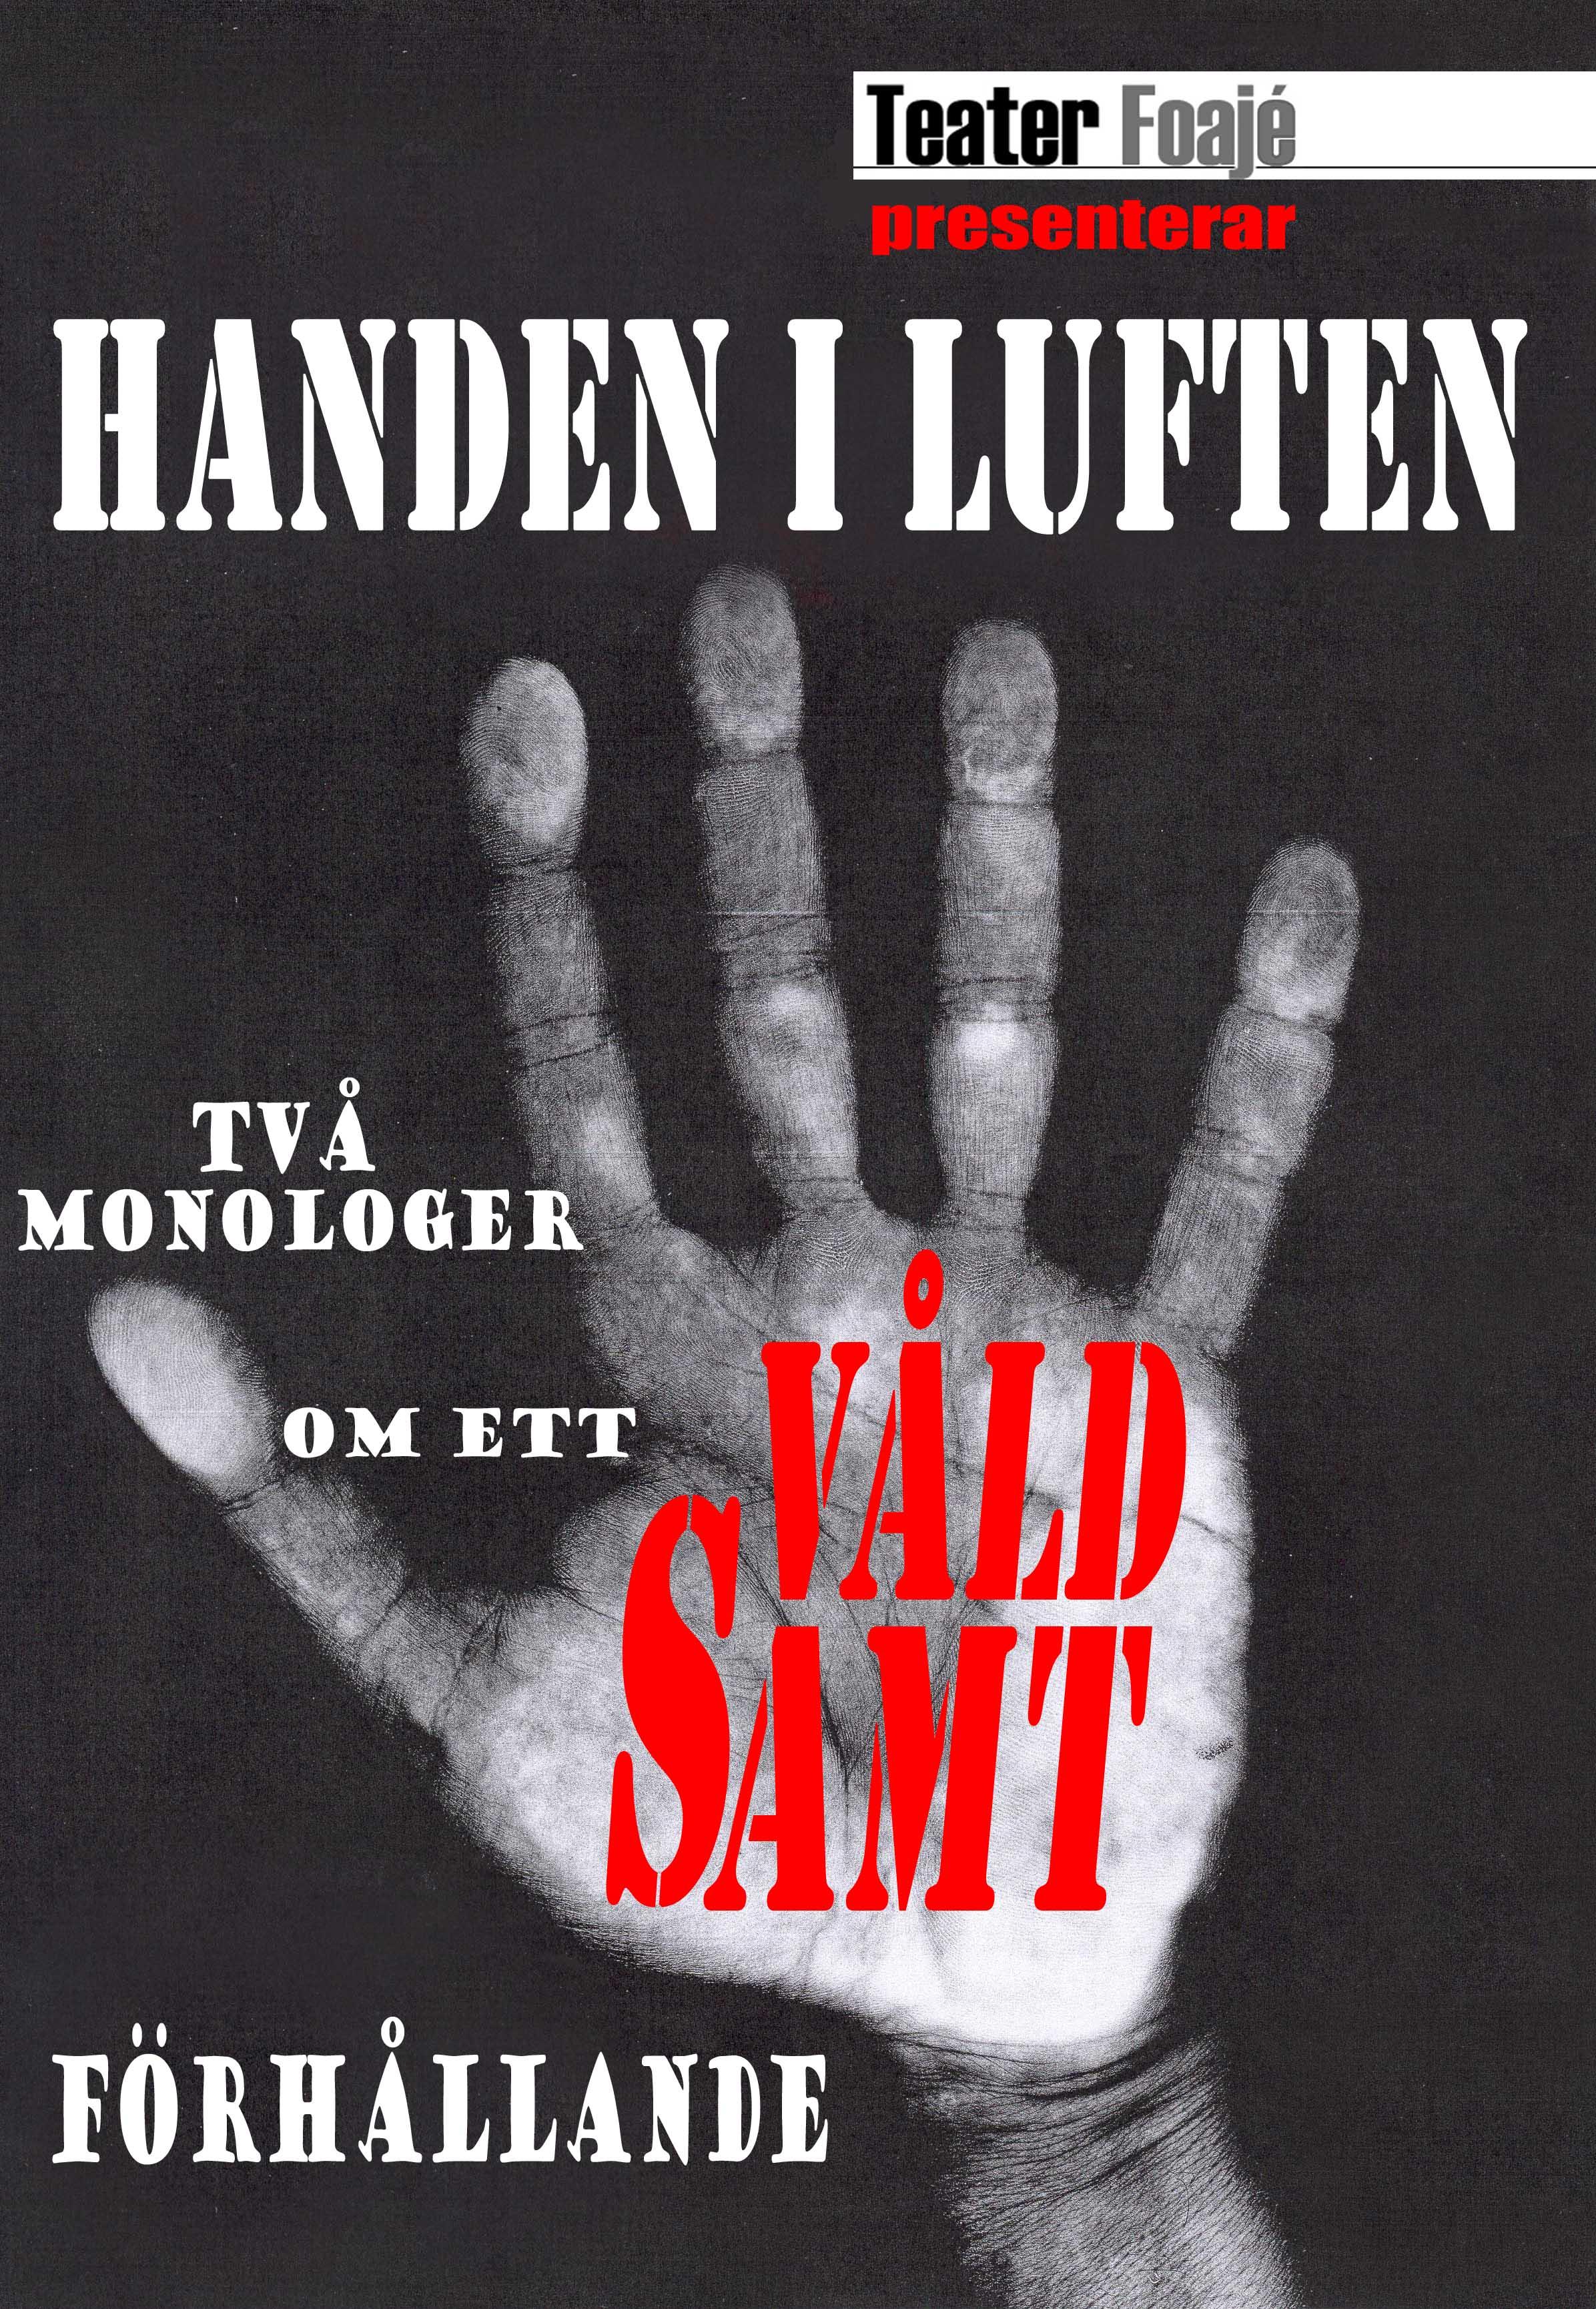 Handen Luften. Affisch